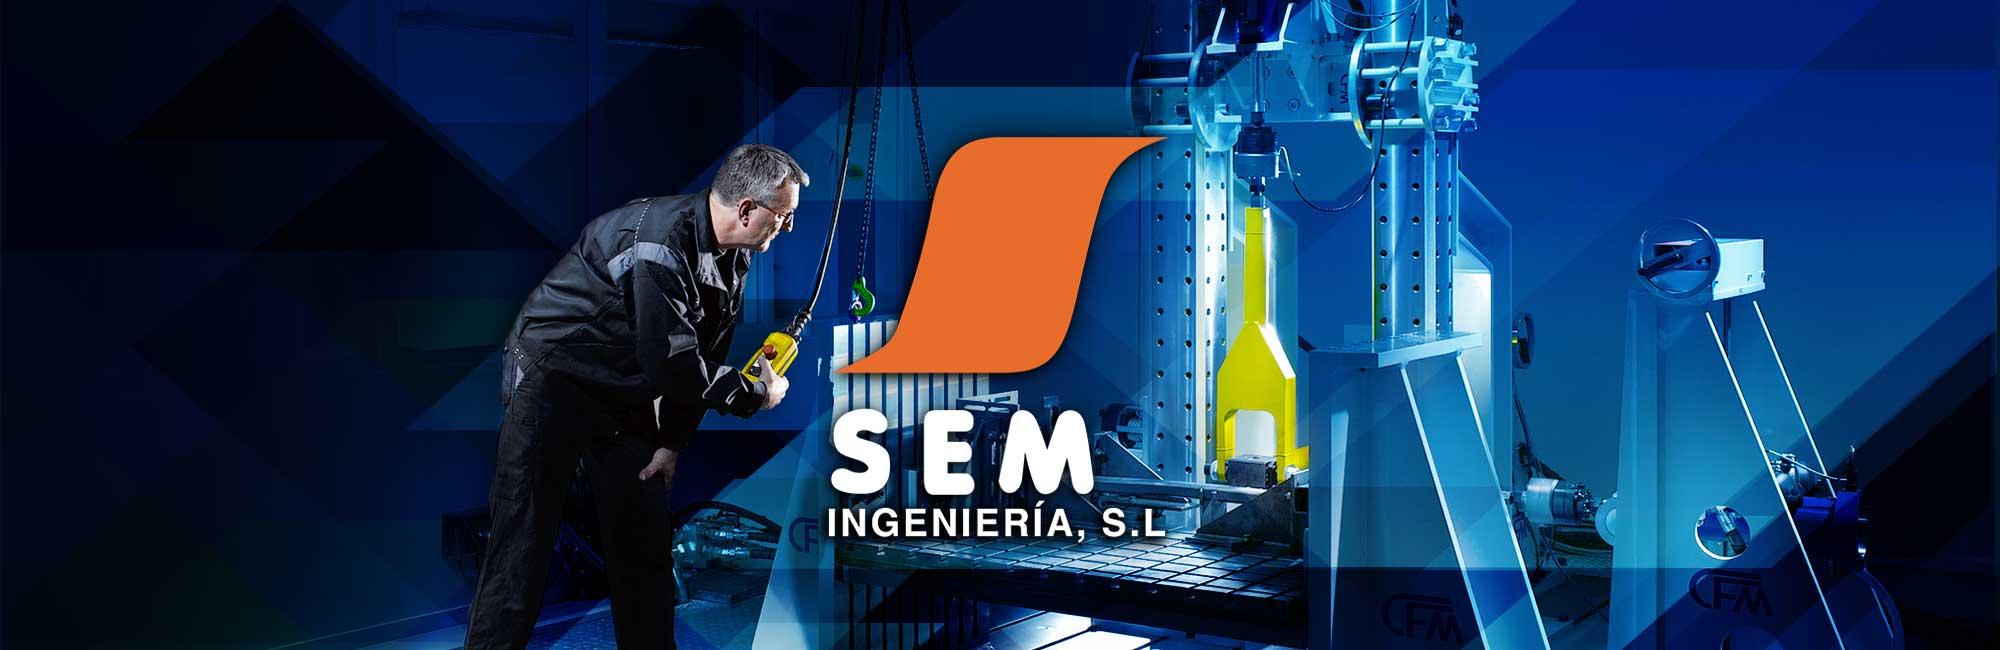 SEM INGENIERÍA, SL Soluciones de ensayo de materiales03